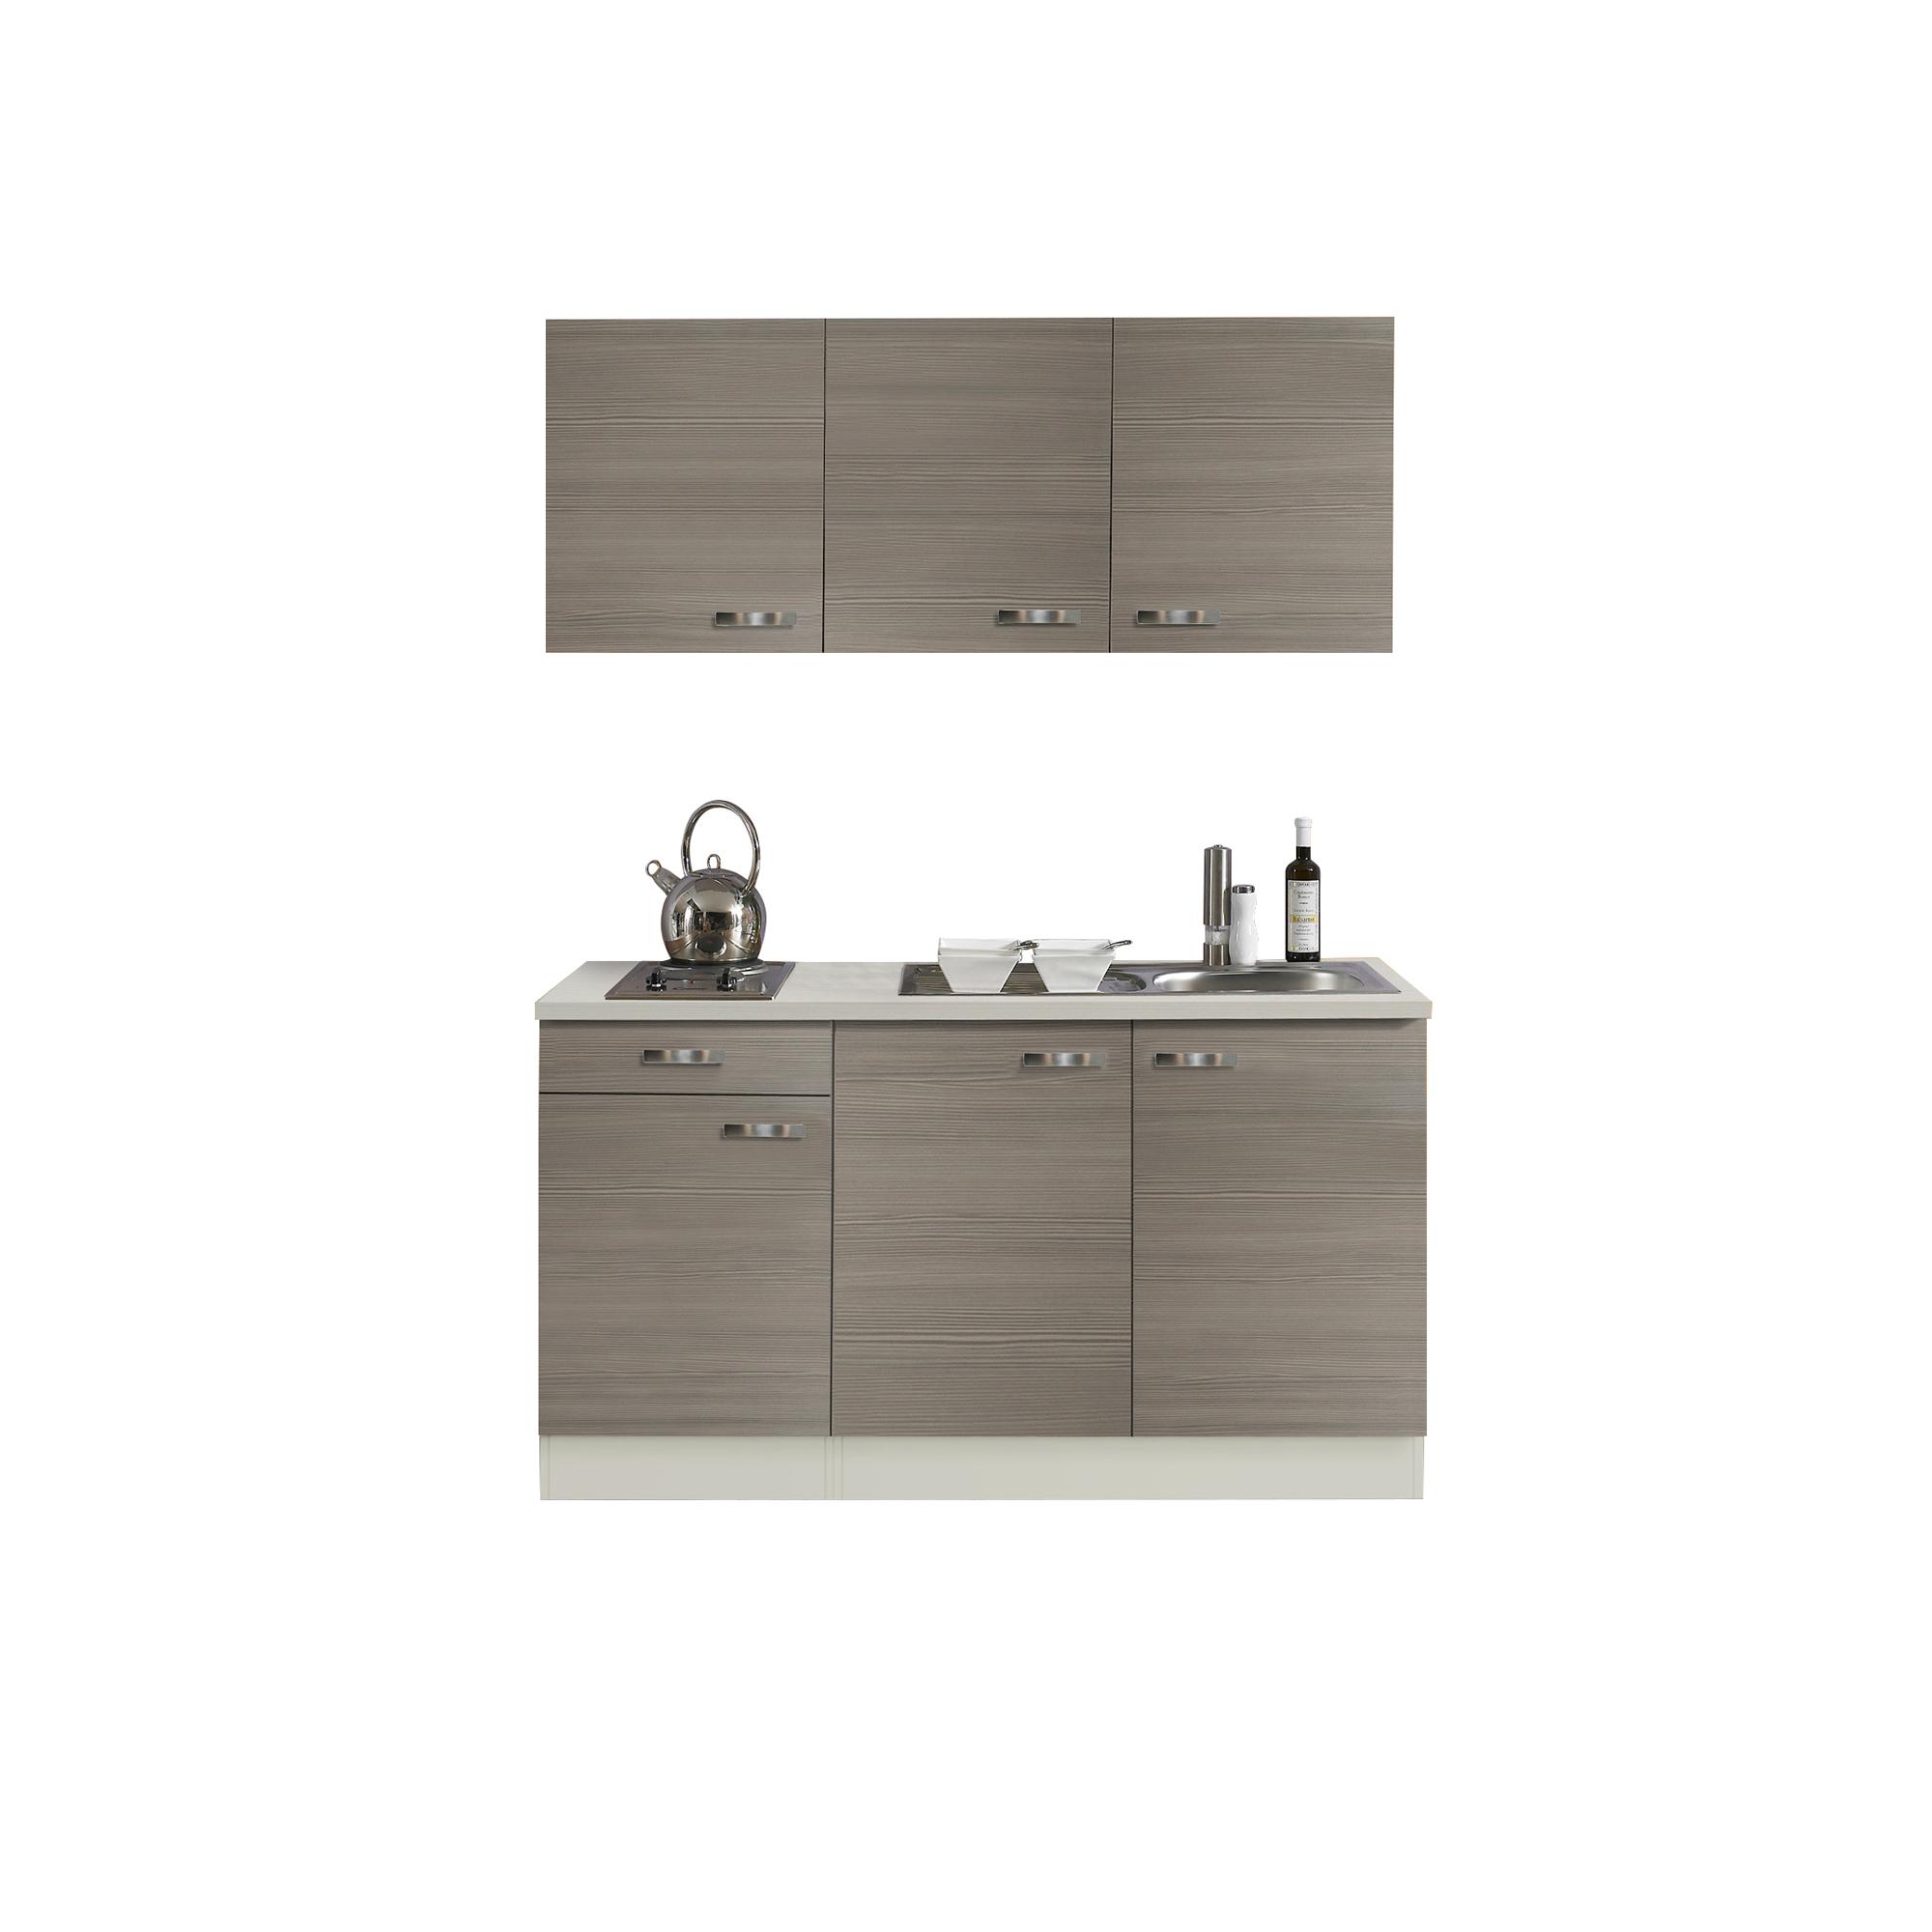 Singleküche mit Spüle Miniküche Kochplatte Mini Küchenzeile Küche ...